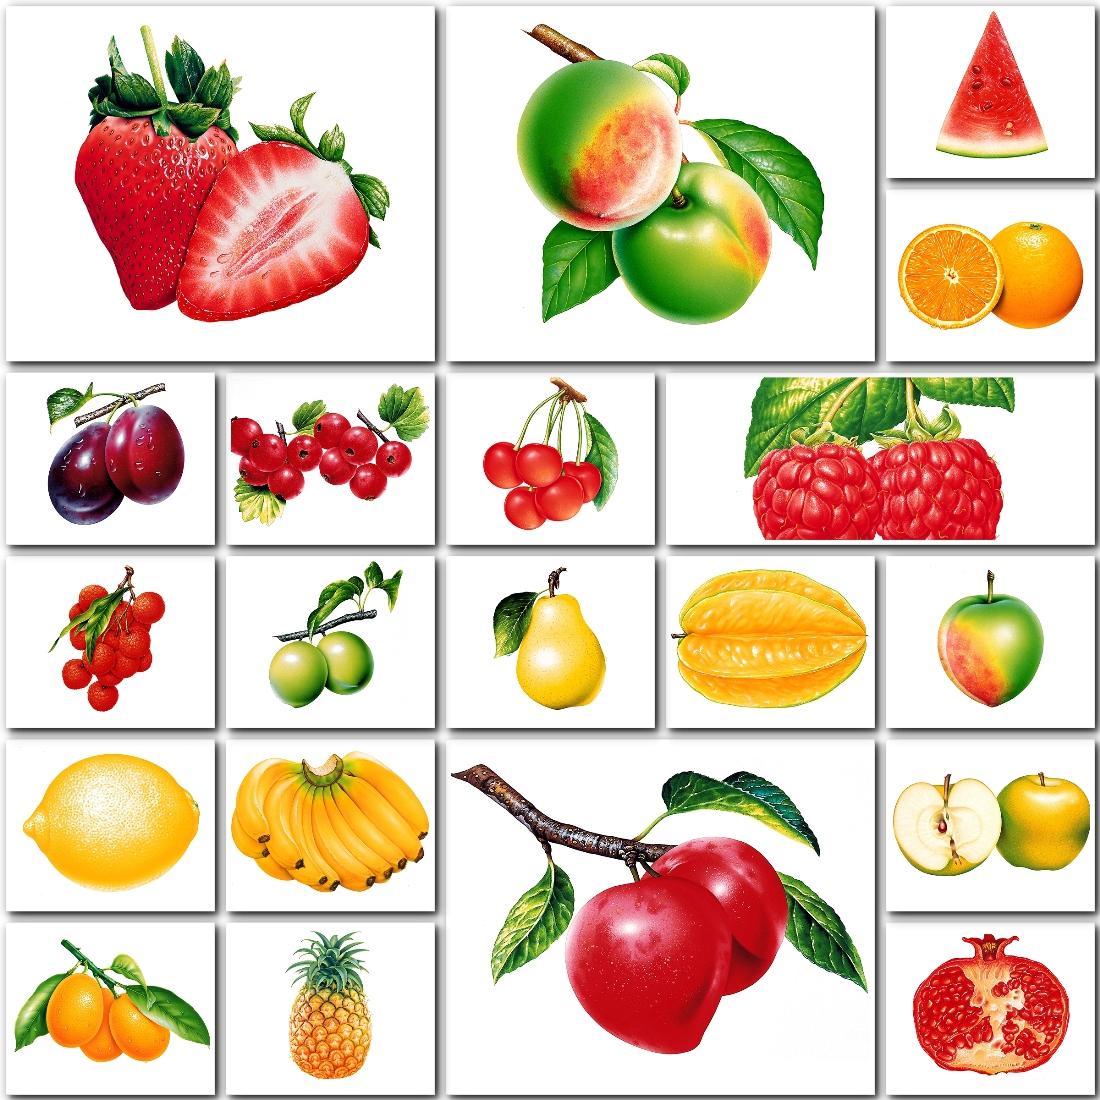 Маркировка в детском саду картинки фрукты и овощи